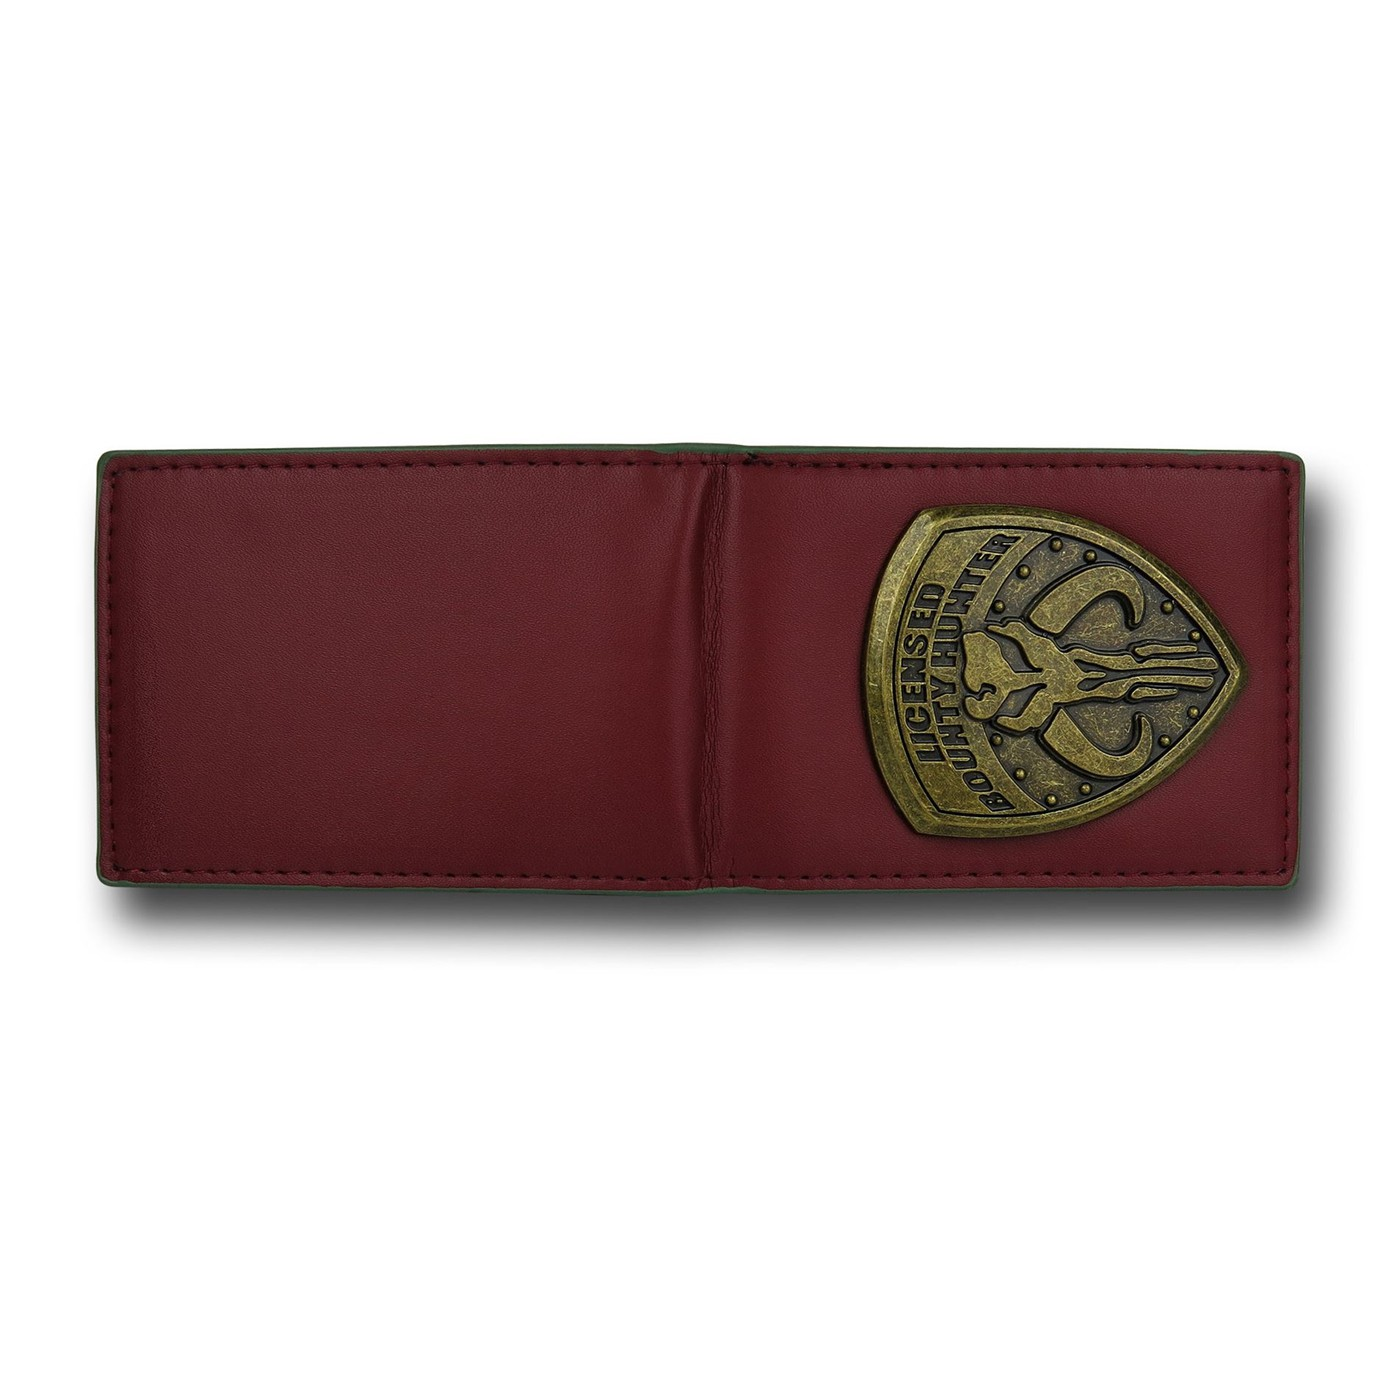 Boba Fett Mandalorian Badge Credit Card Wallet